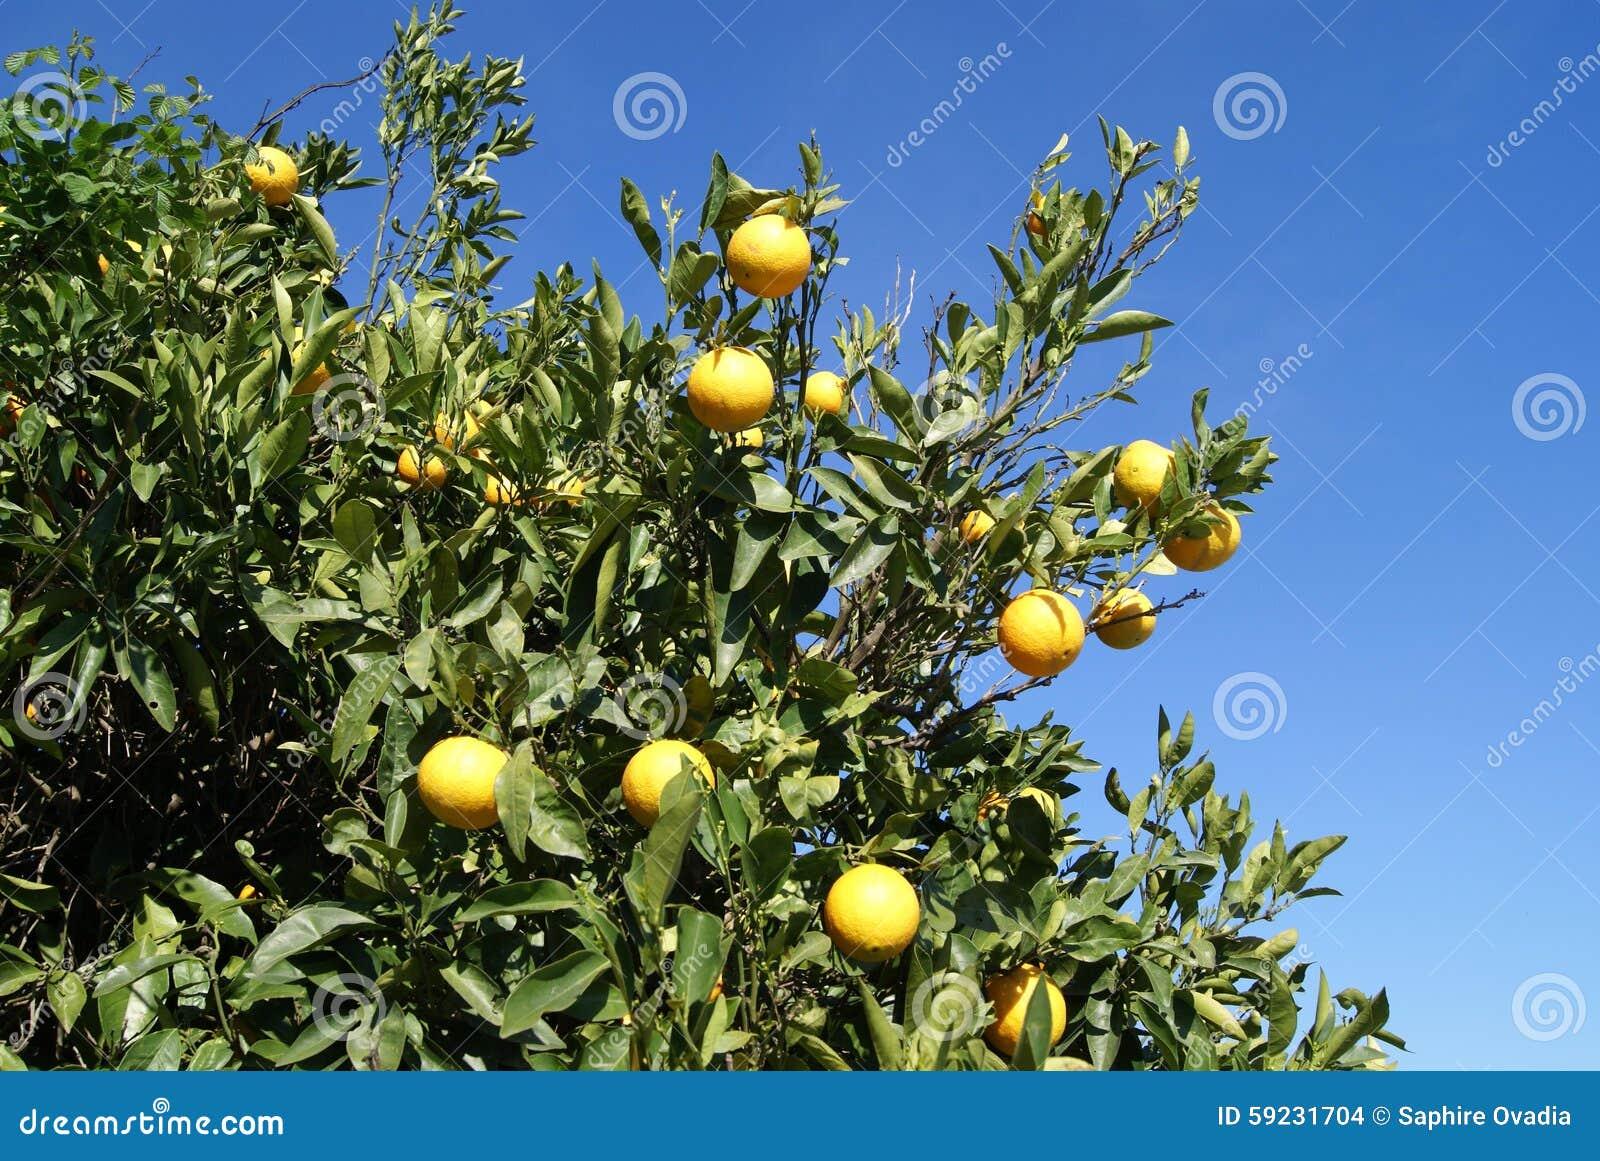 Download Árbol de los agrios foto de archivo. Imagen de sano, salud - 59231704